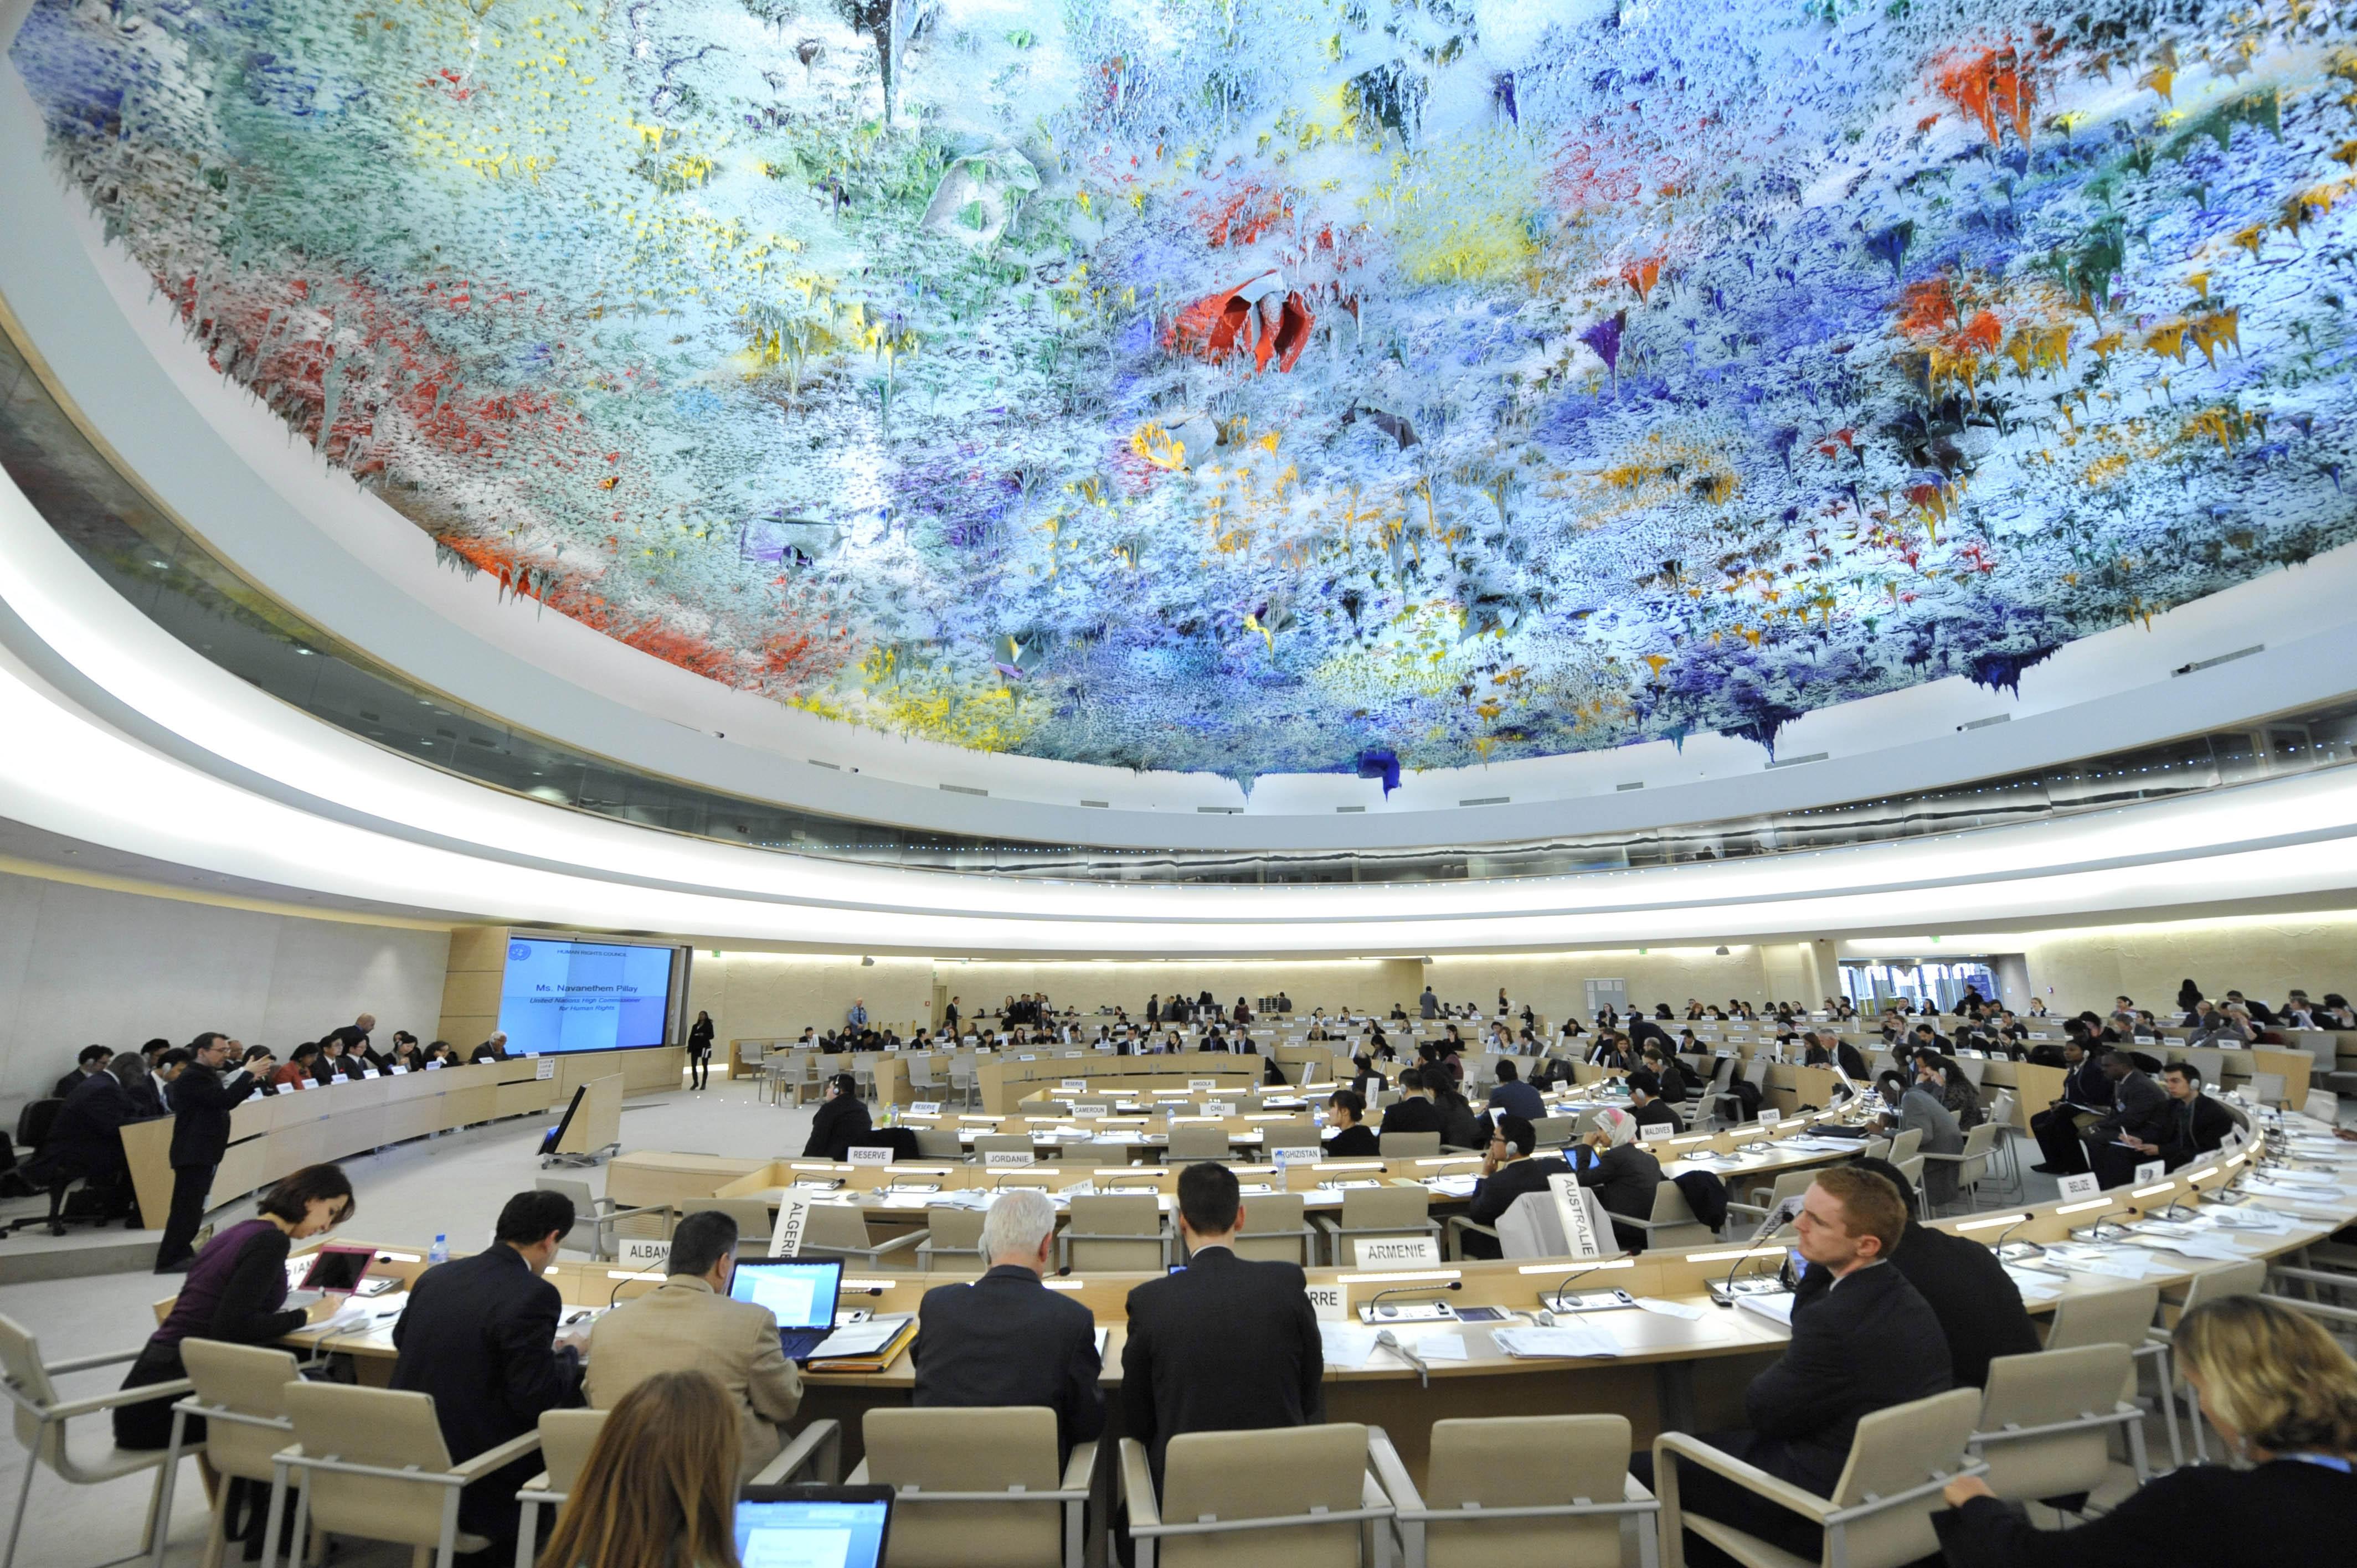 Opinión: Instituciones Nacionales de Derechos Humanos: ¿necesitamos unos nuevos Principios de París?